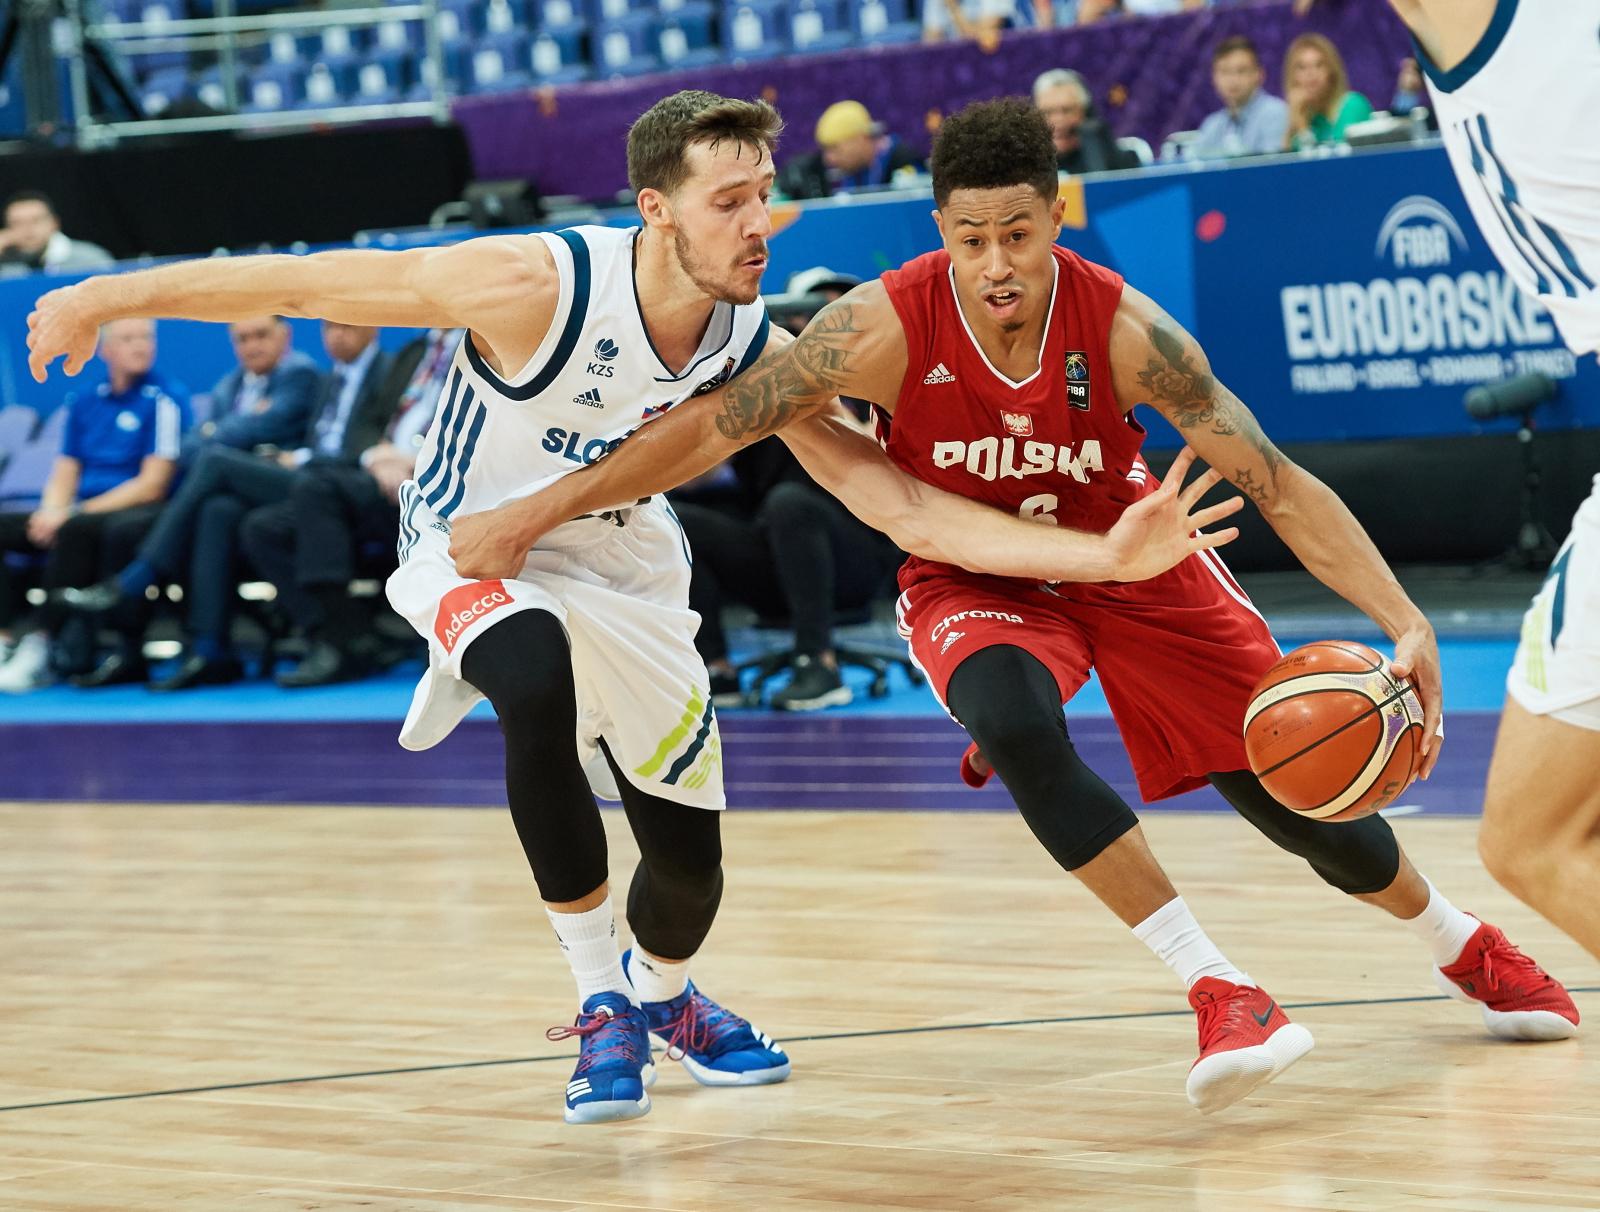 Finlandia Zawodnik reprezentacji Polski i Słowenii podczas pierwszego meczu grupy A Eurobasketu koszykarzy PAP/Adam Warżawa